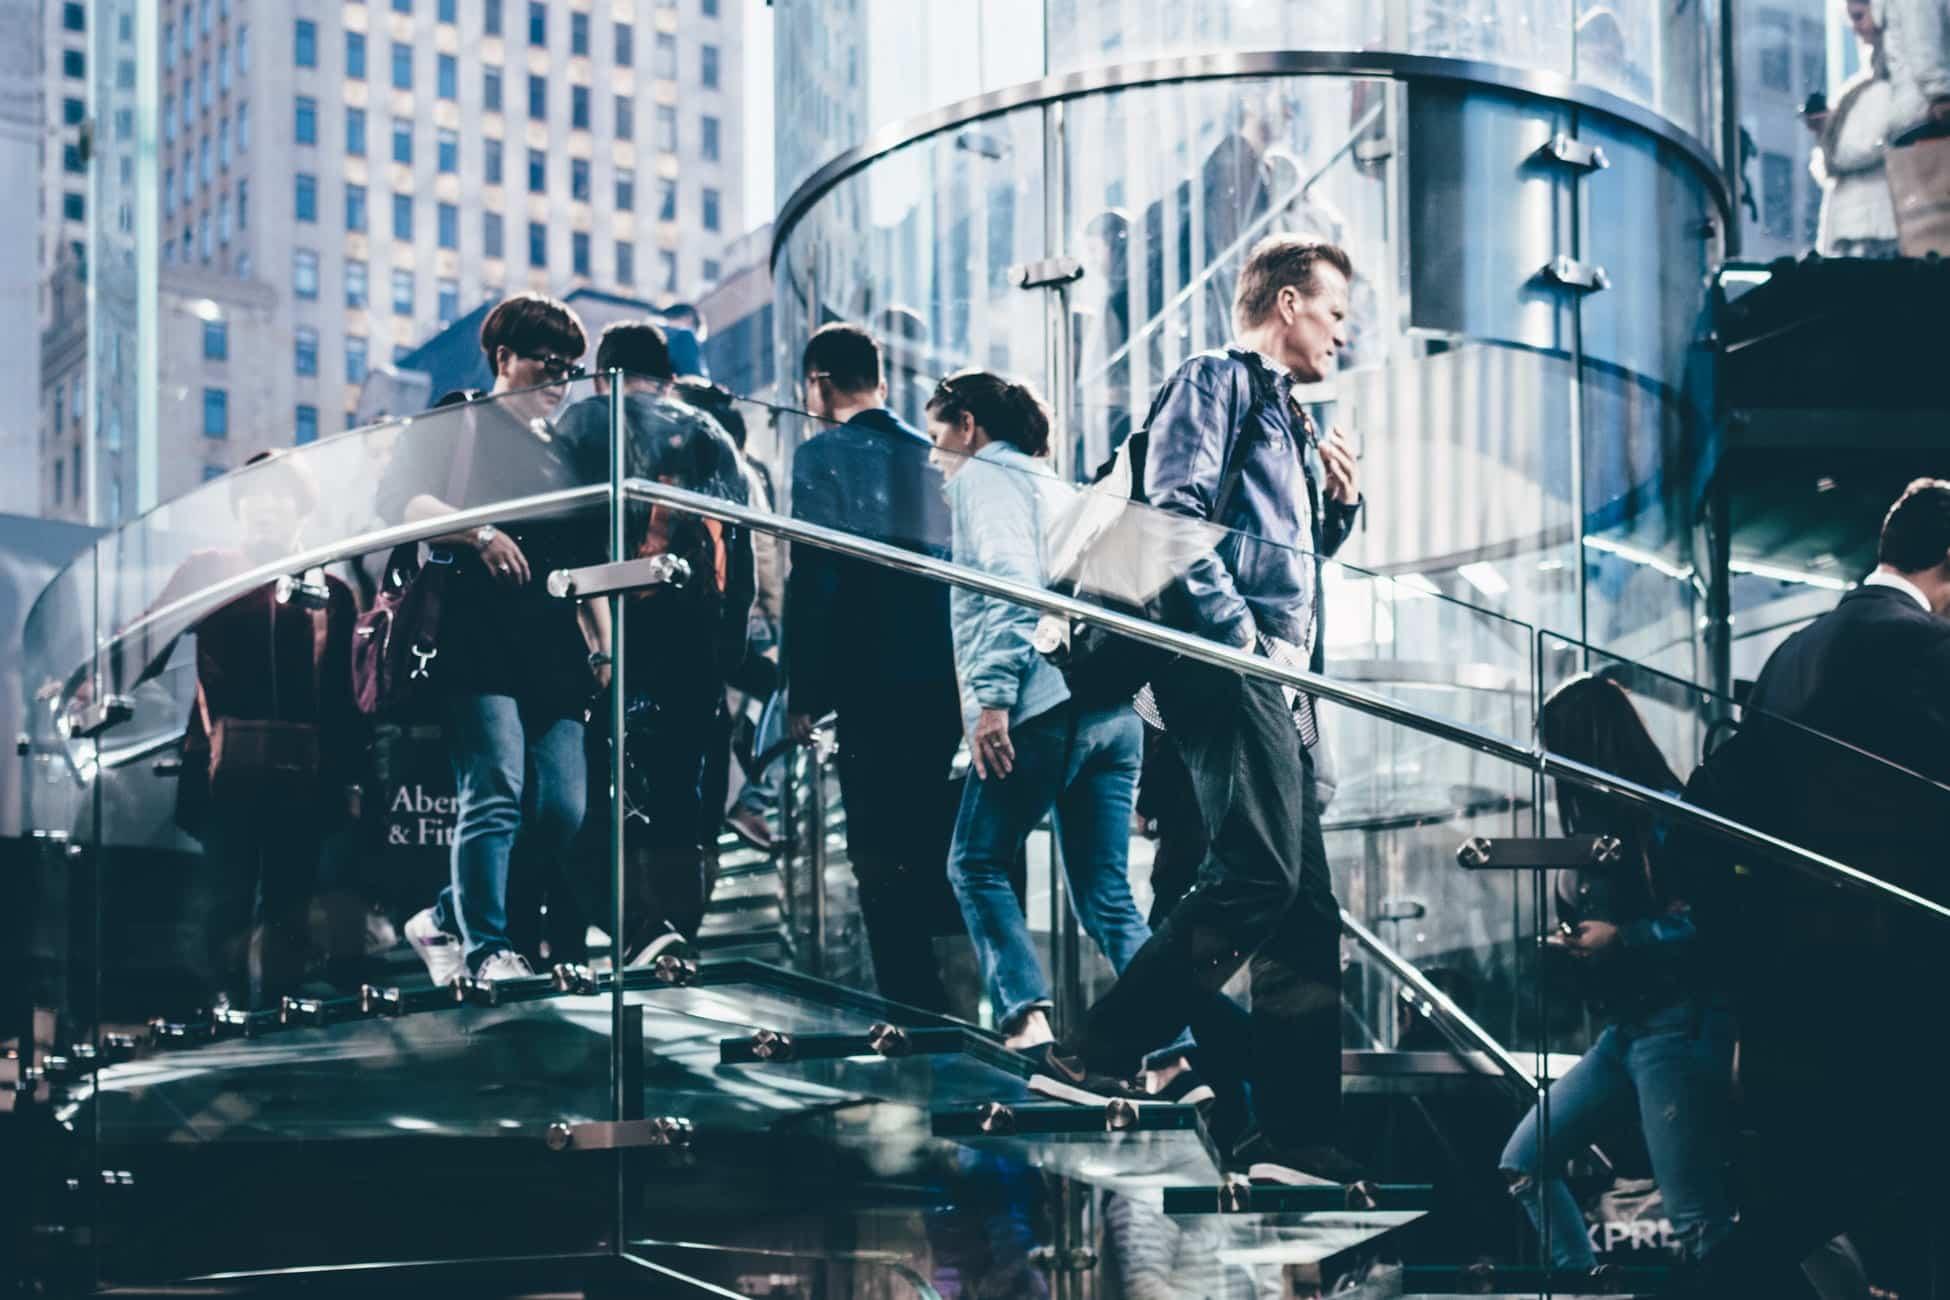 Visu personnes sur escalier